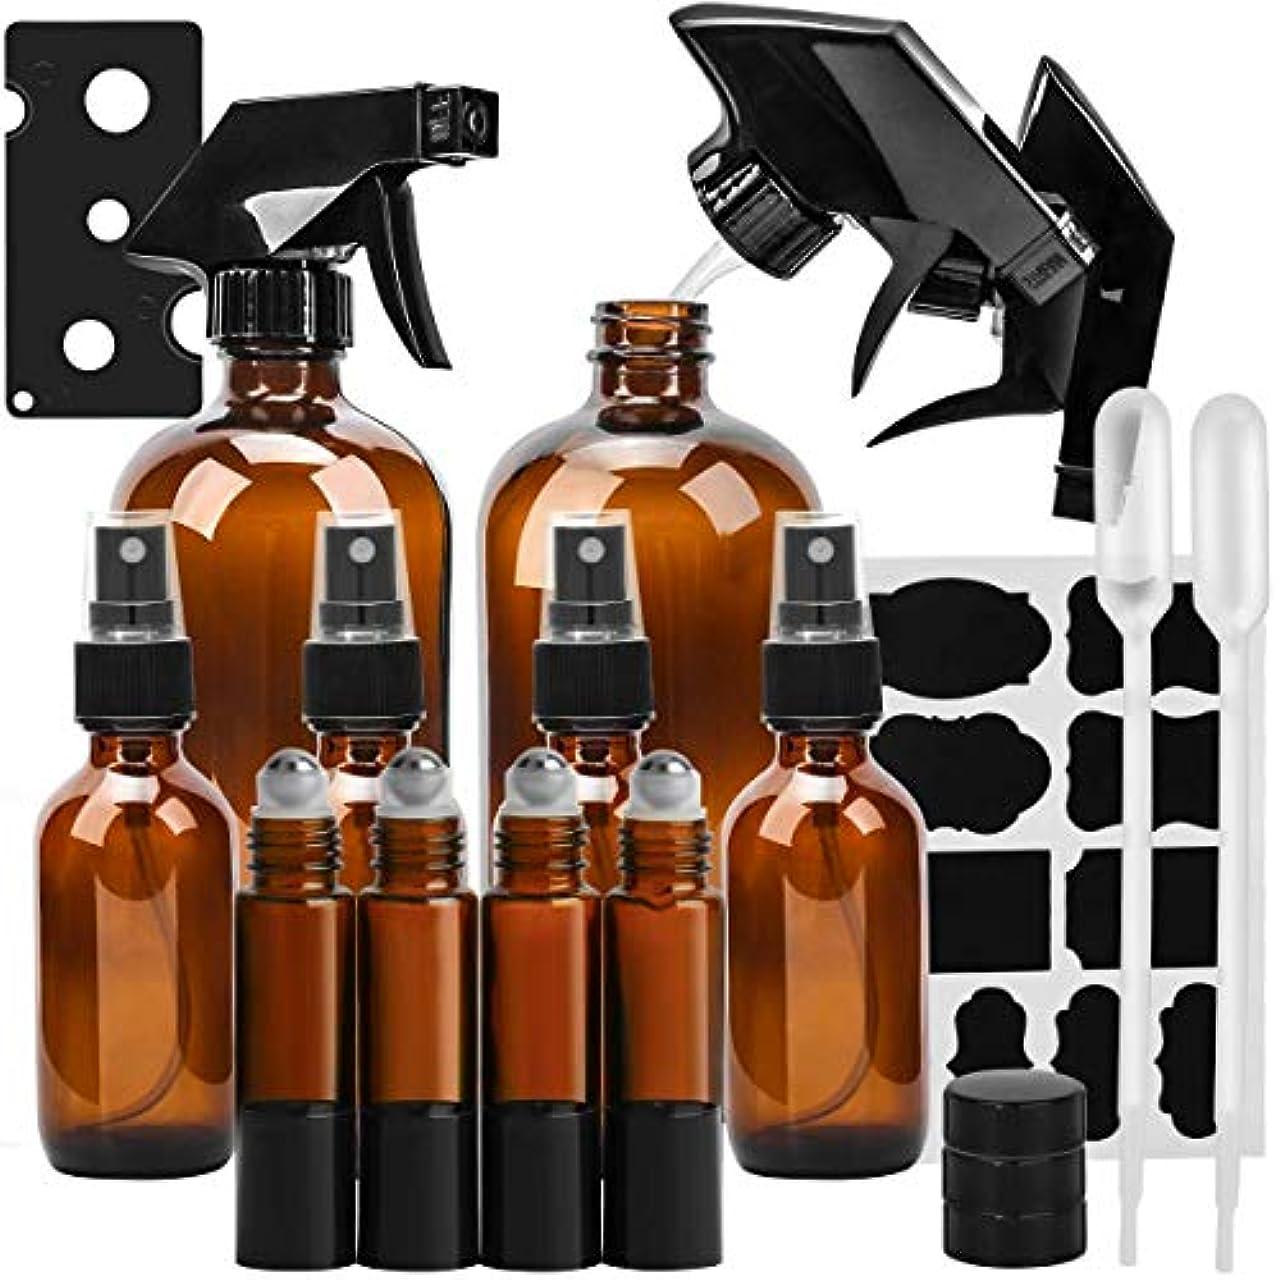 日食正確さ下品KAMOTA 16オンス×2 2オンス×4 10ミリリットルローラーボトル×4 - 製品やアロマテラピーを清掃エッセンシャルオイル 用 詰め替え容器 セットガラススプレーボトルアンバーガラススプレーボトル アンバー-2